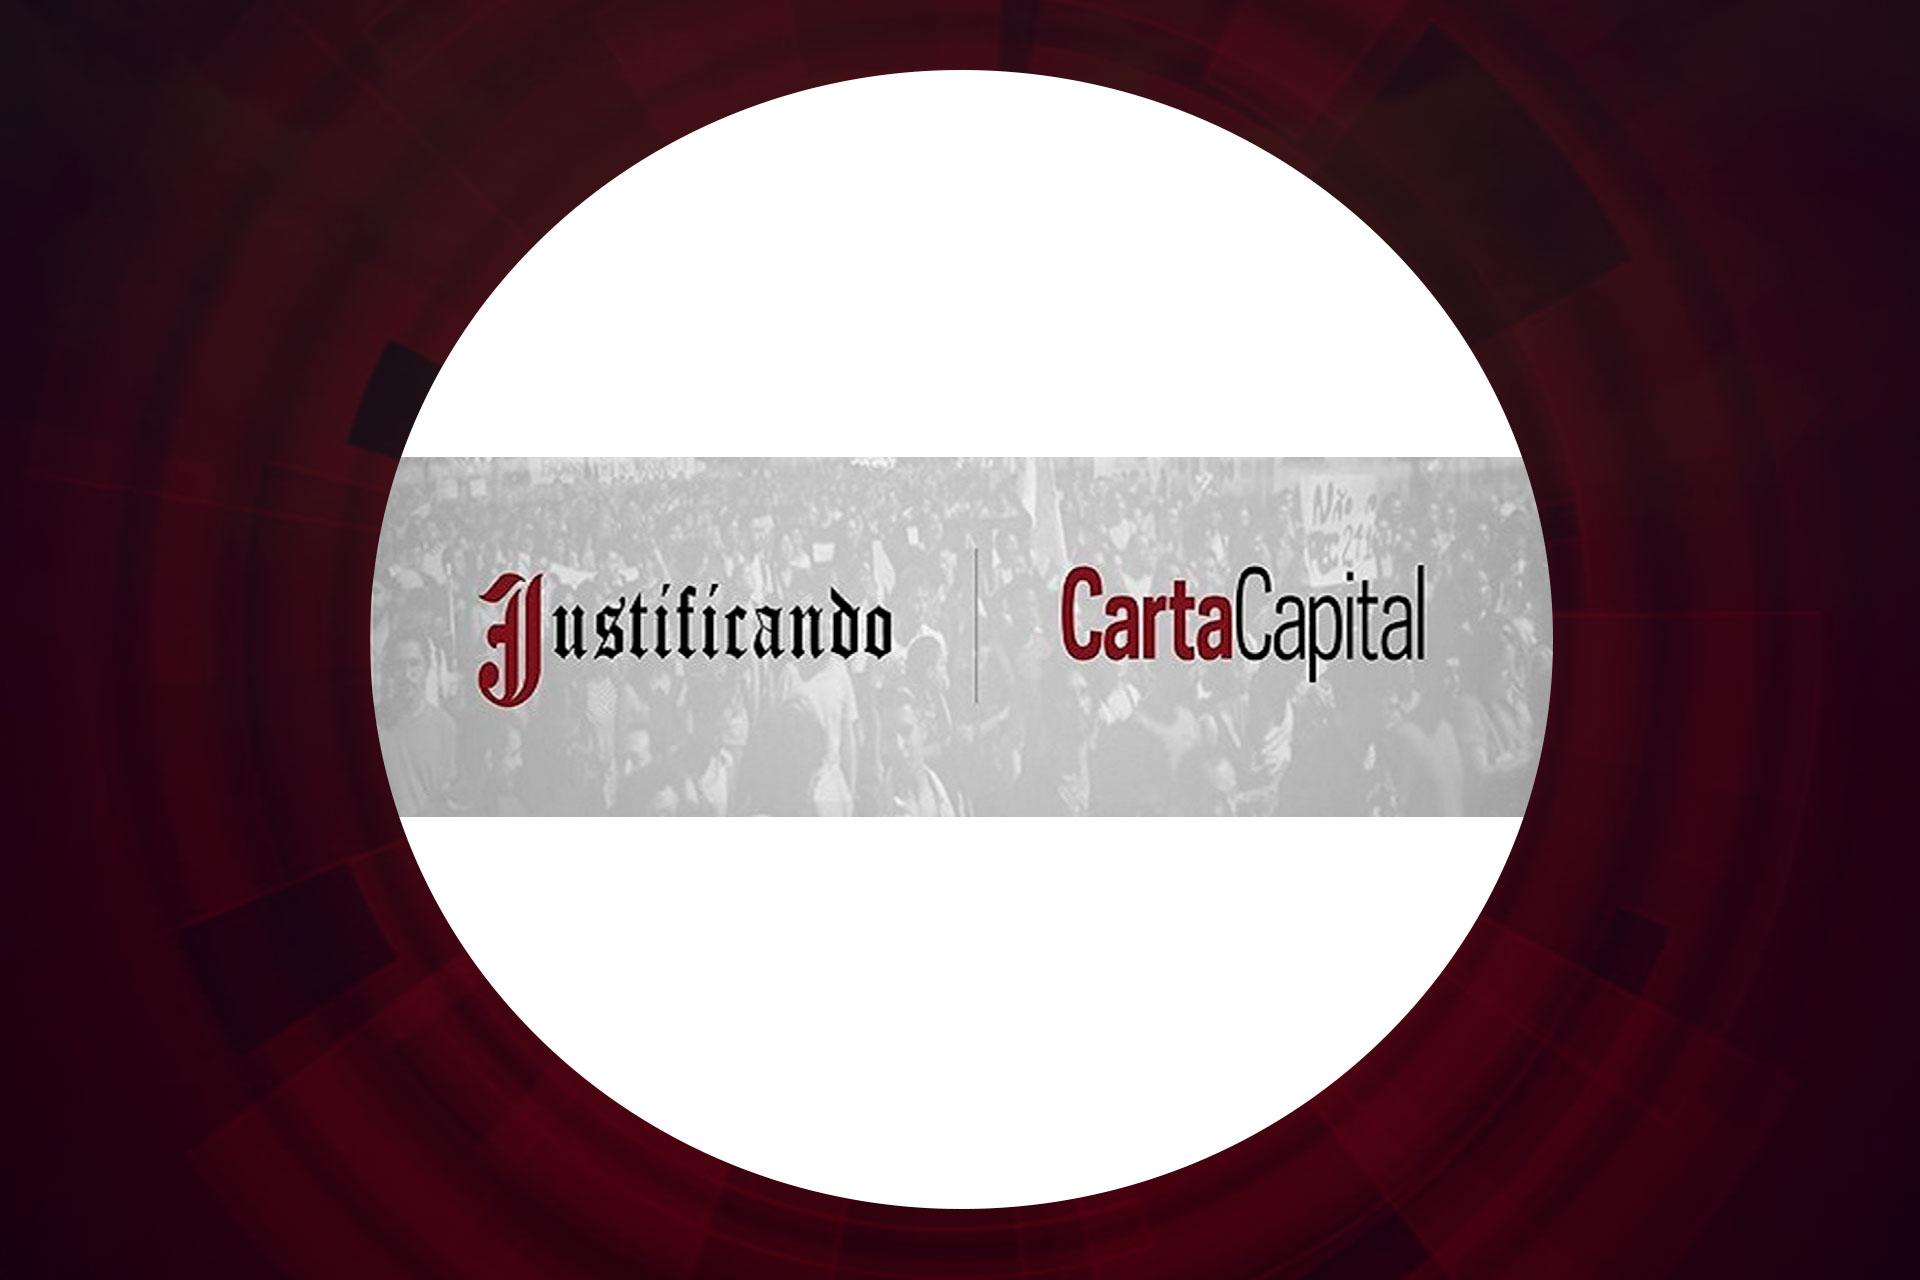 O Coletivo no Justificando-CartaCapital